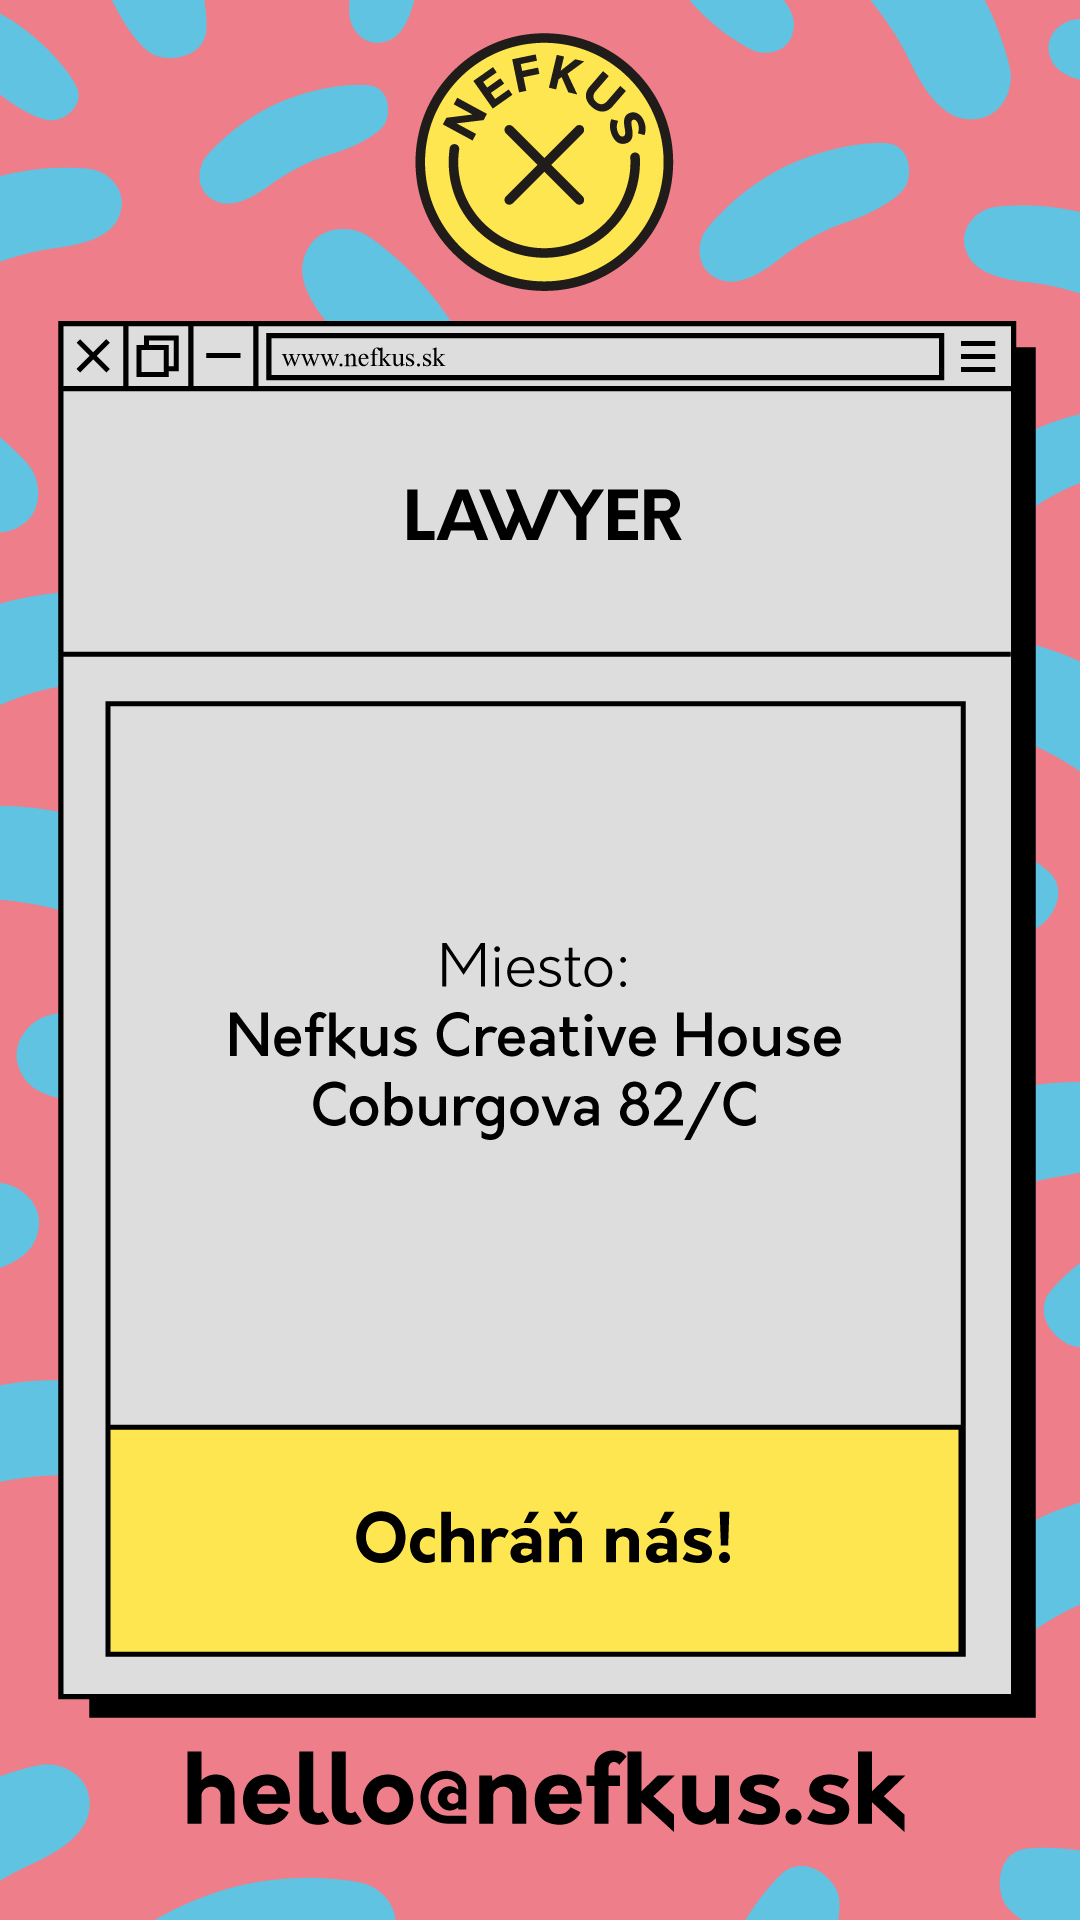 Pracovná ponuka na právnika